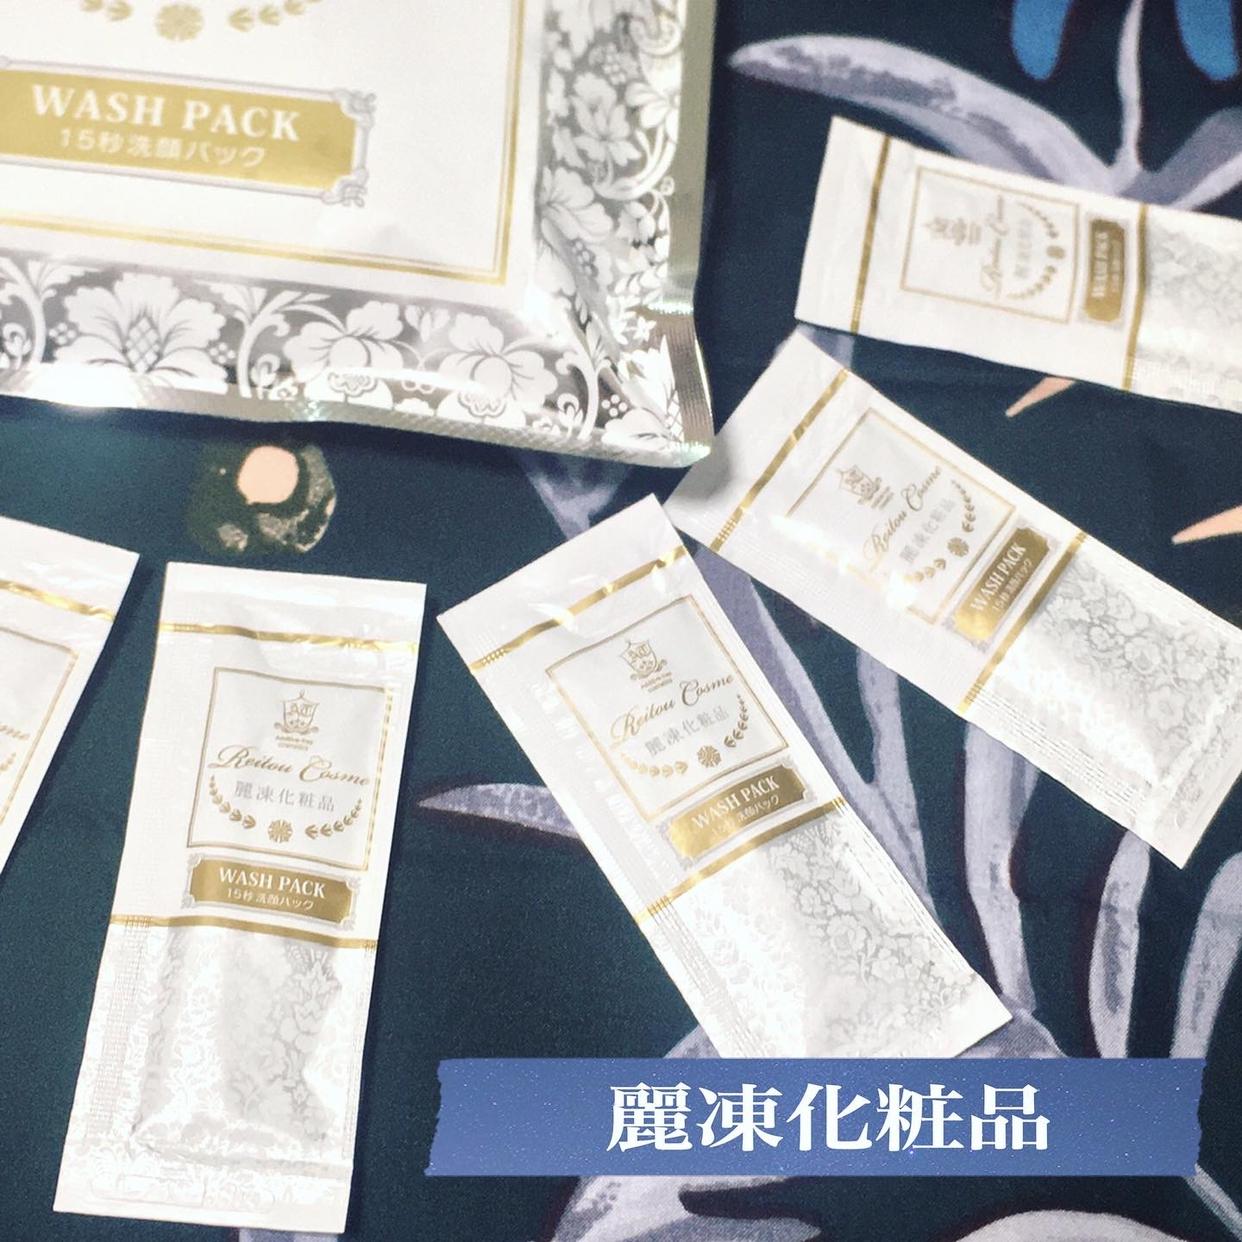 麗凍化粧品(Reitou Cosme) 15秒洗顔パックの良い点・メリットに関する有姫さんの口コミ画像1